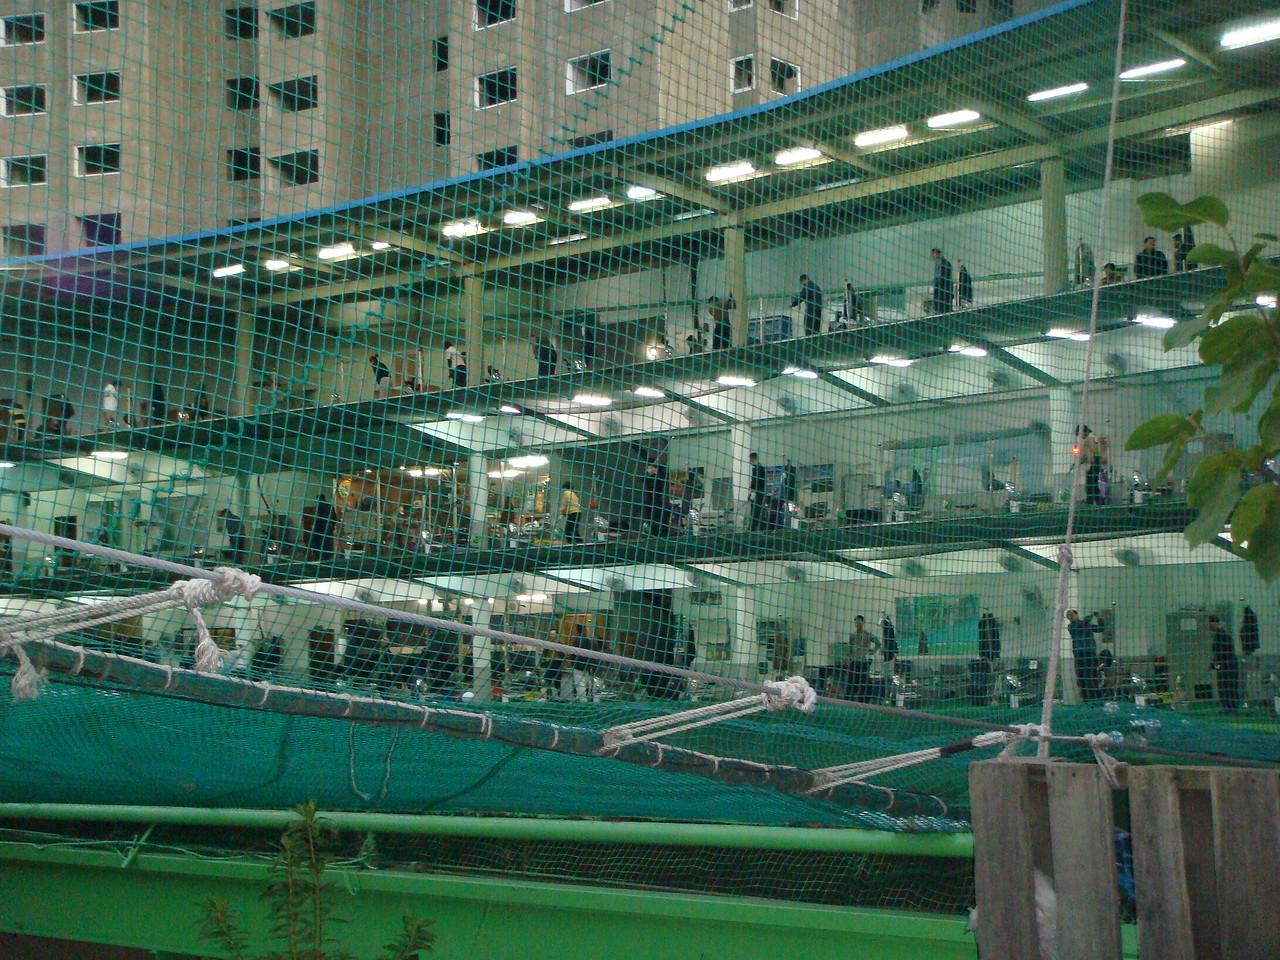 Indoor golf range in Busan, South Korea